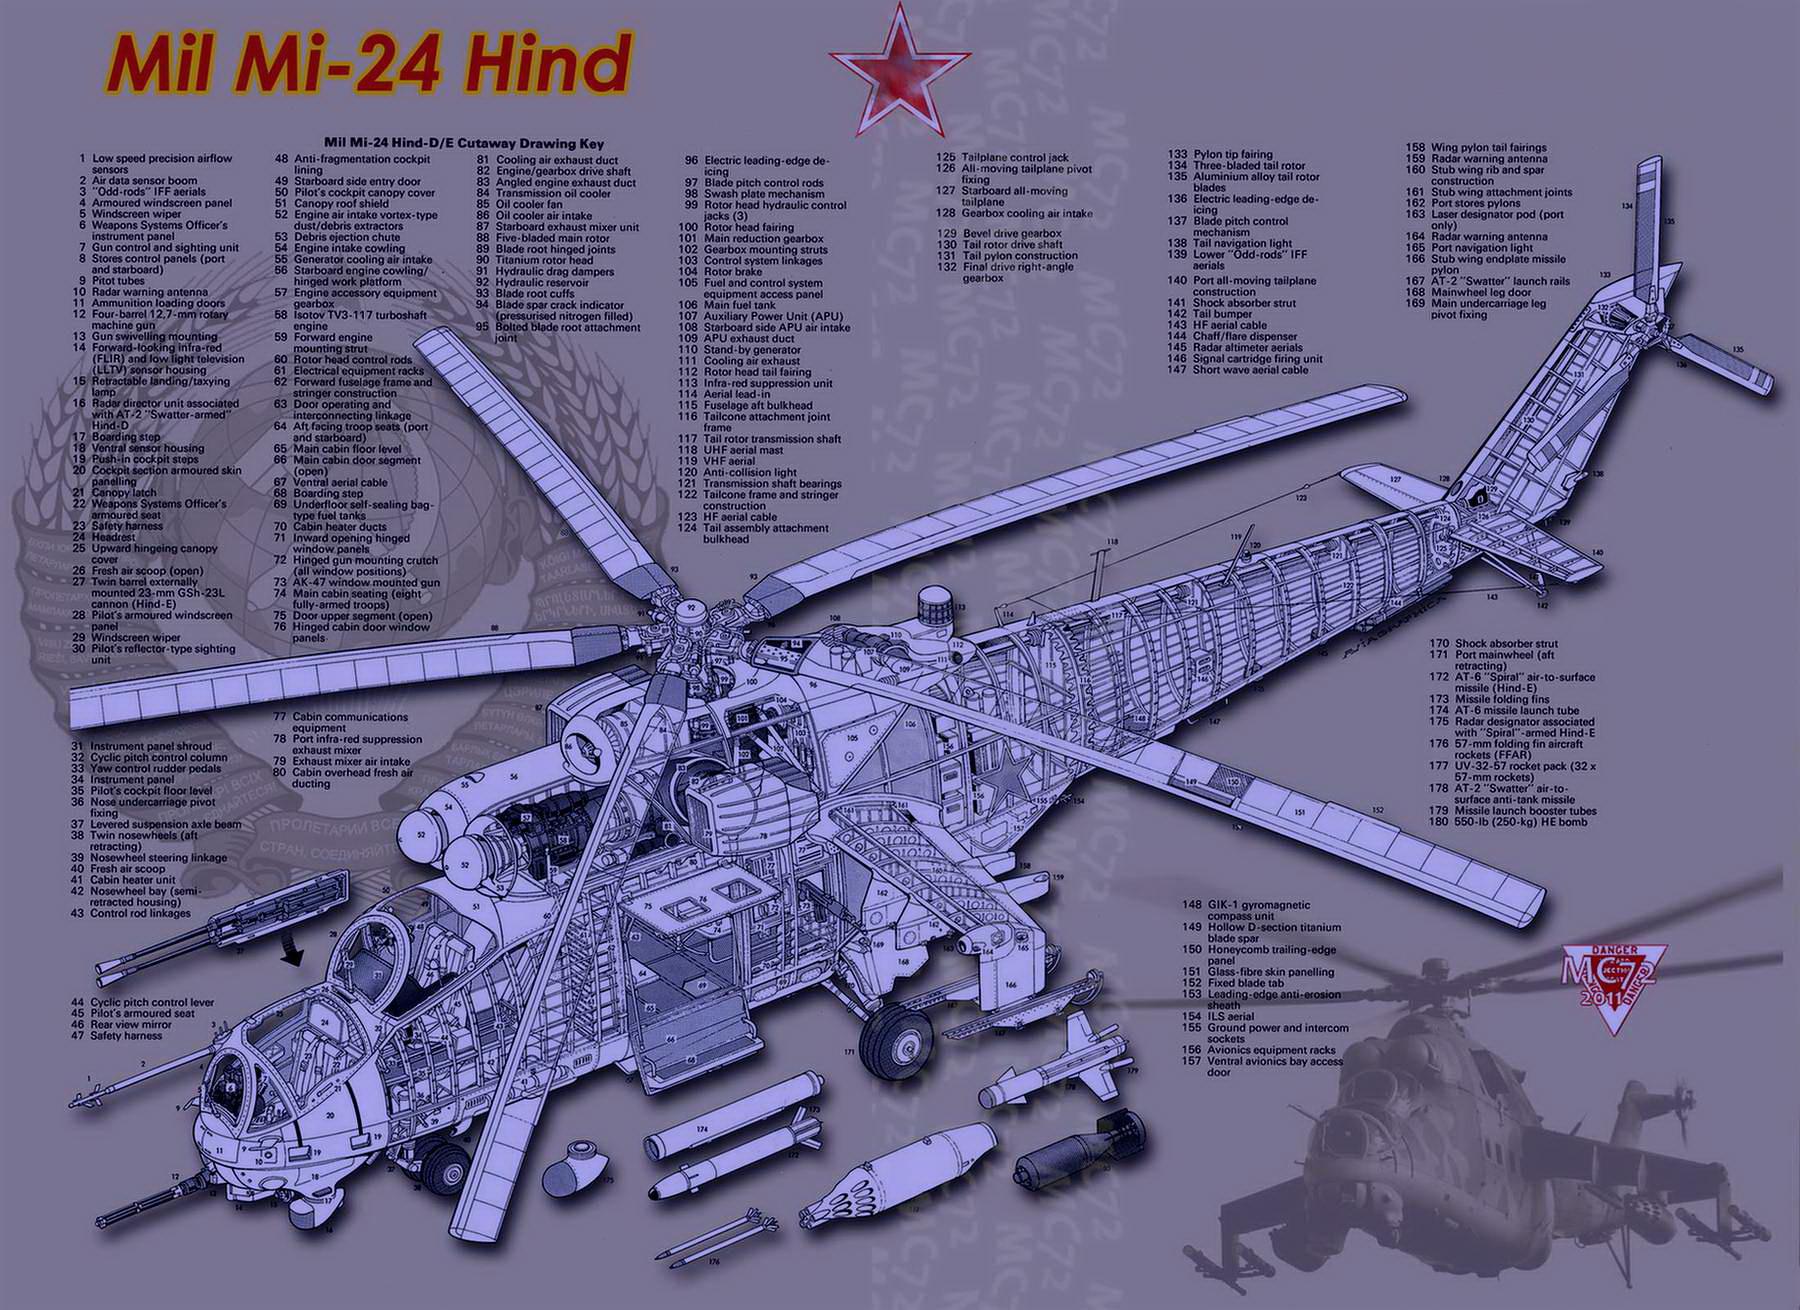 Mil Mi-24 Hind - Page 3 142403_97069427_Mil%20Mi-24%20Hind